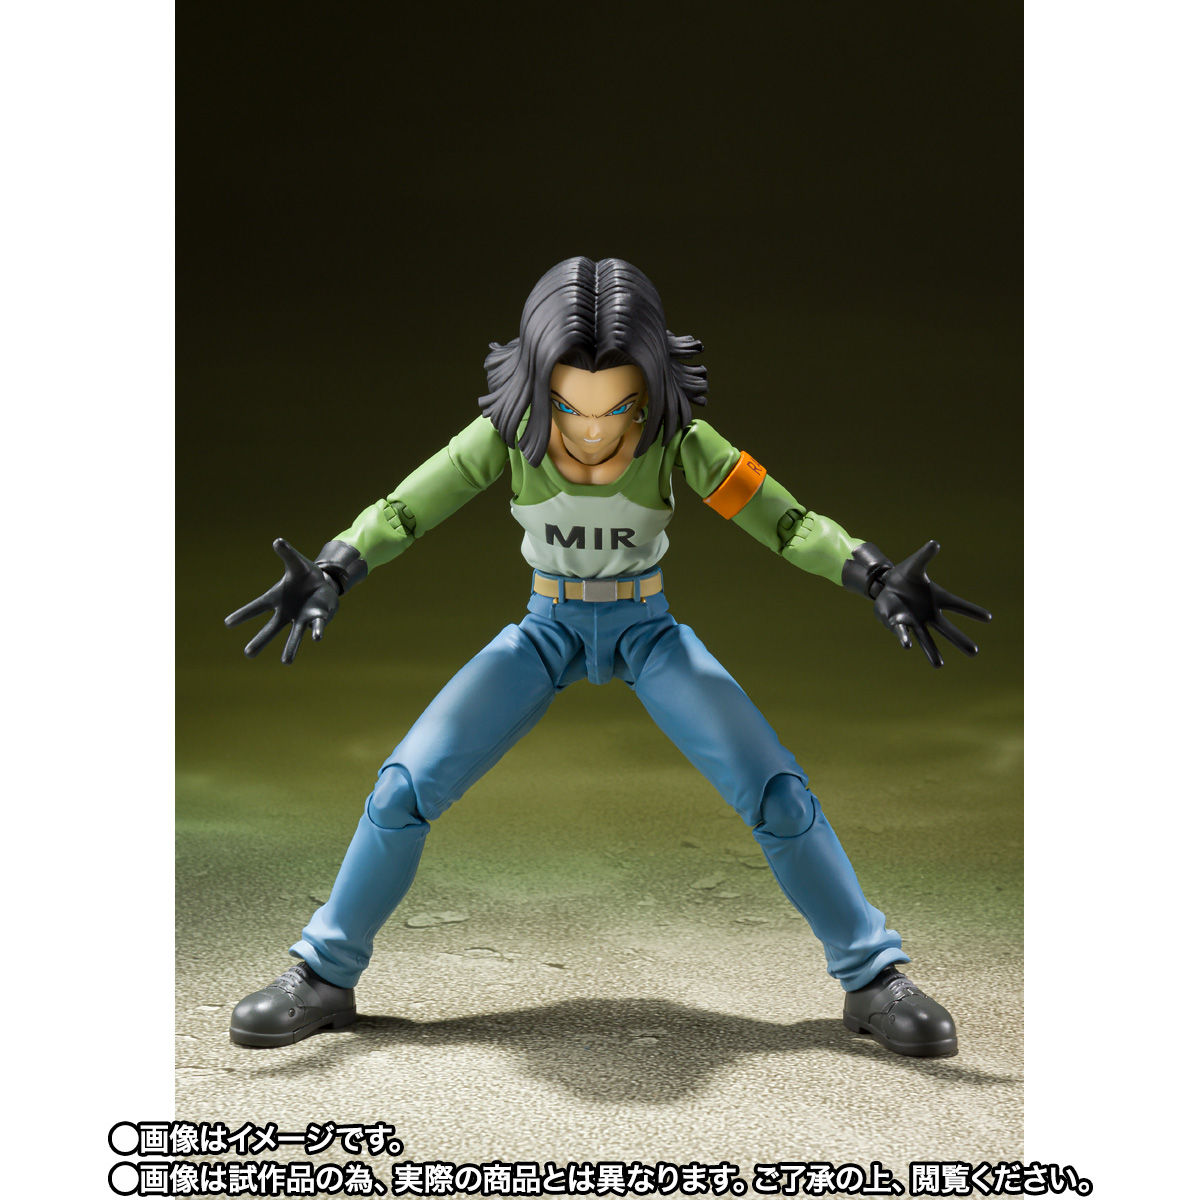 【限定販売】S.H.Figuarts『人造人間18号-宇宙サバイバル編-』ドラゴンボール超 可動フィギュア-012